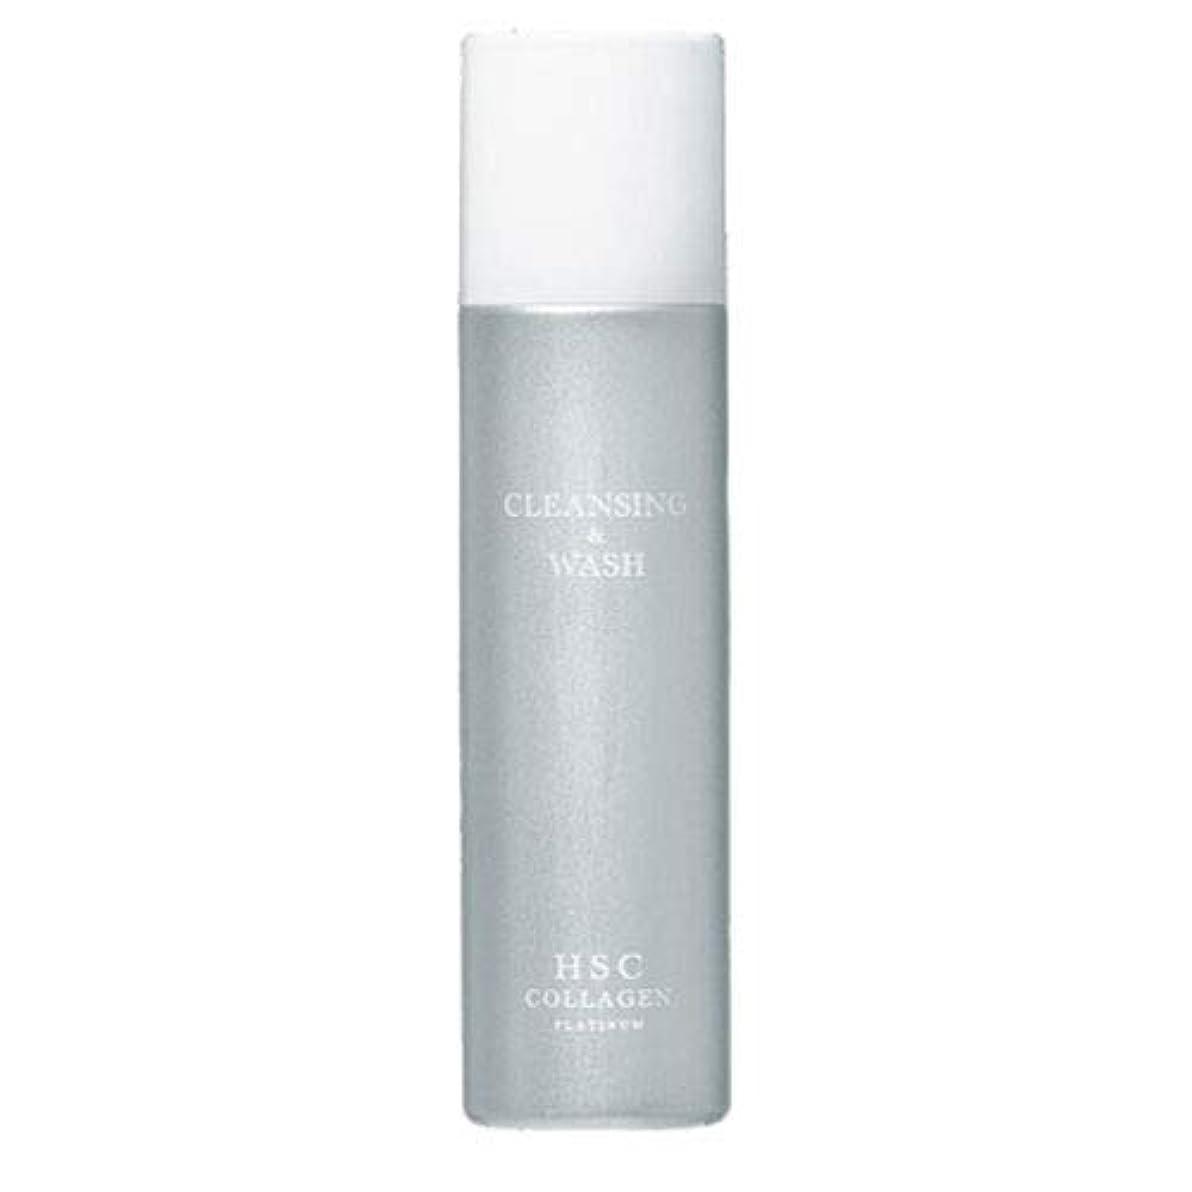 抗生物質単語ポーズアリミノ 塗るサプリ クレンジング&洗顔 180g